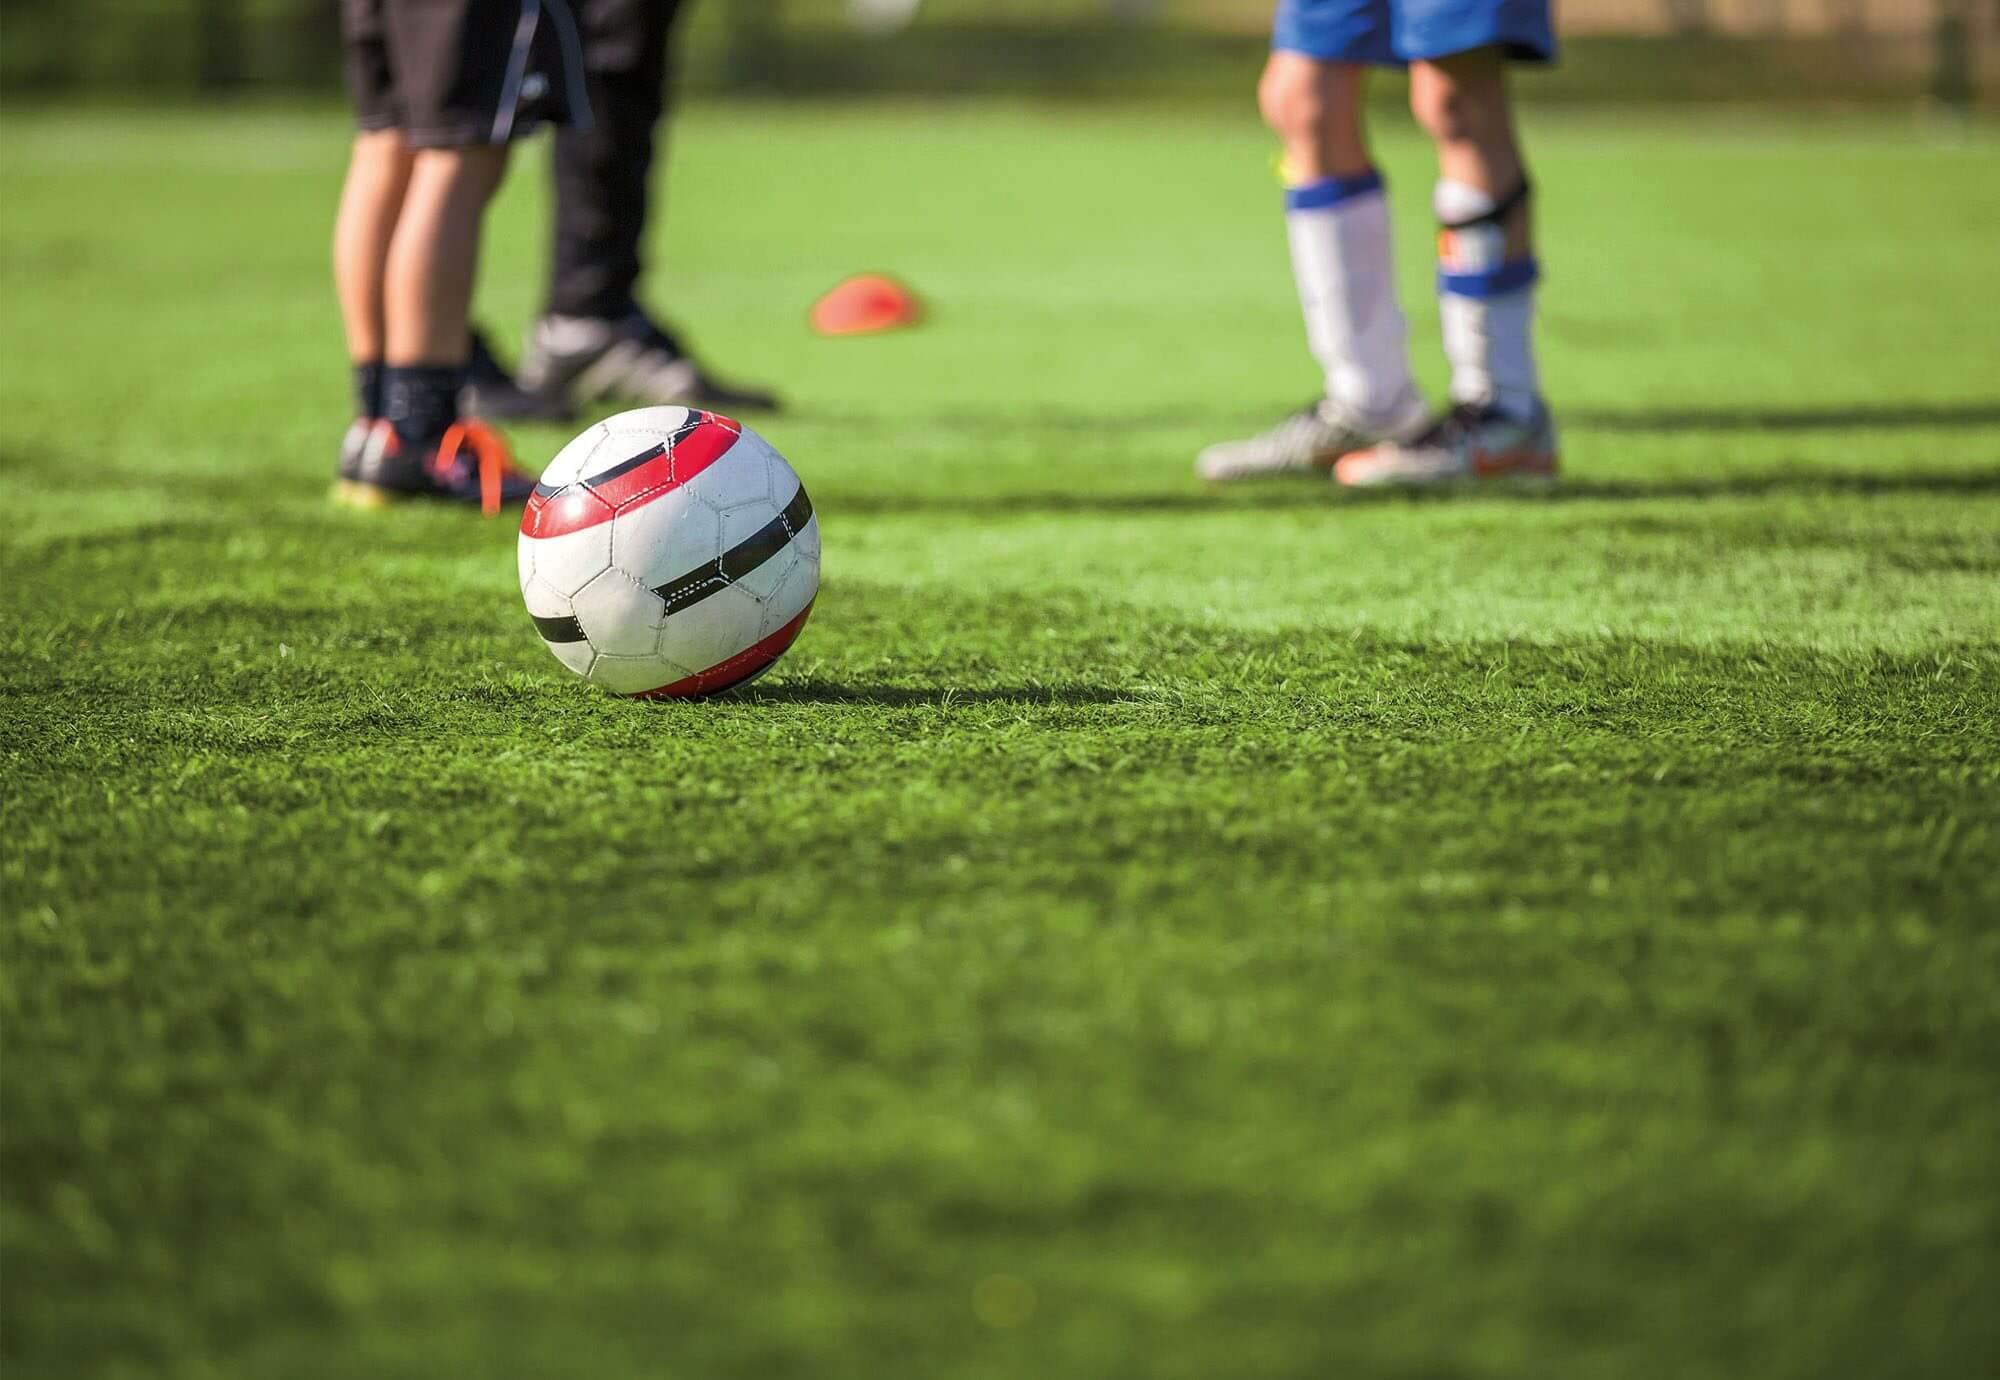 Football Grass pitch